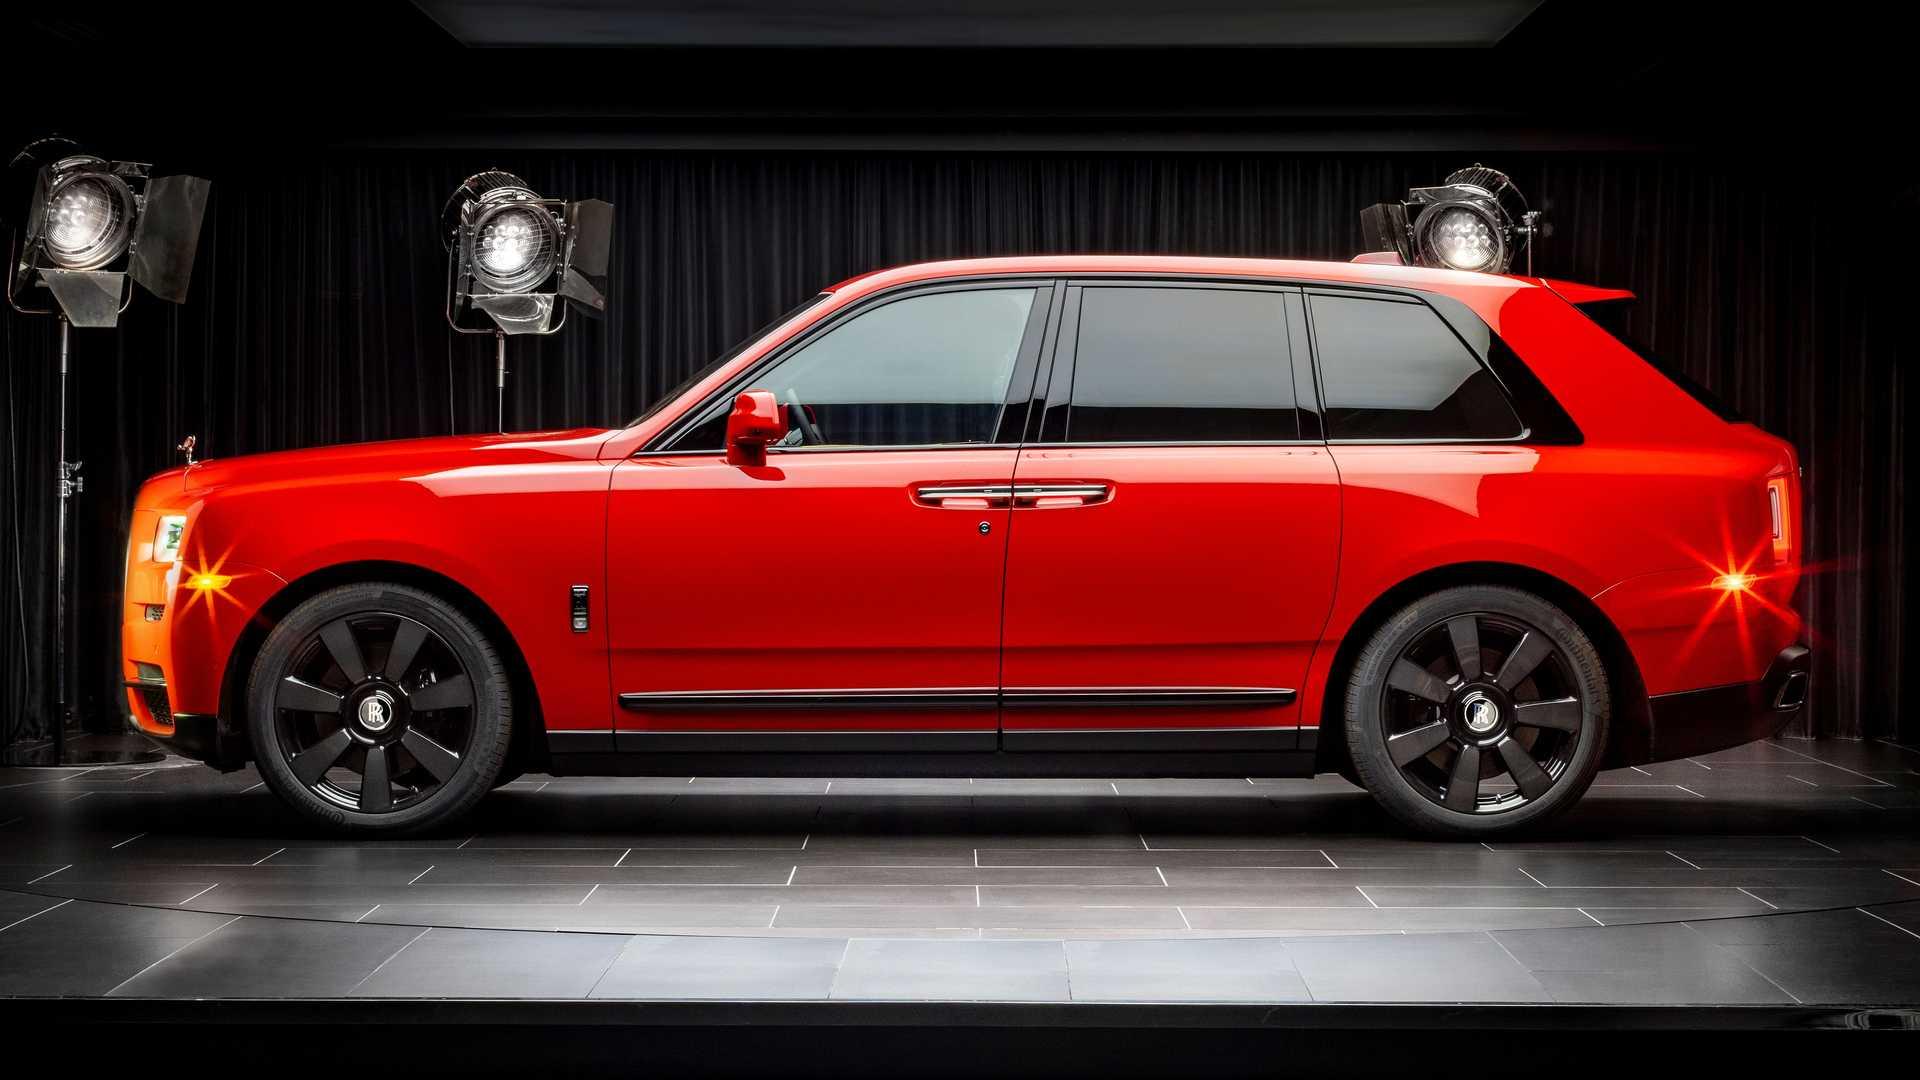 Rolls-Royce-Cullinan-bespoke-colors-14